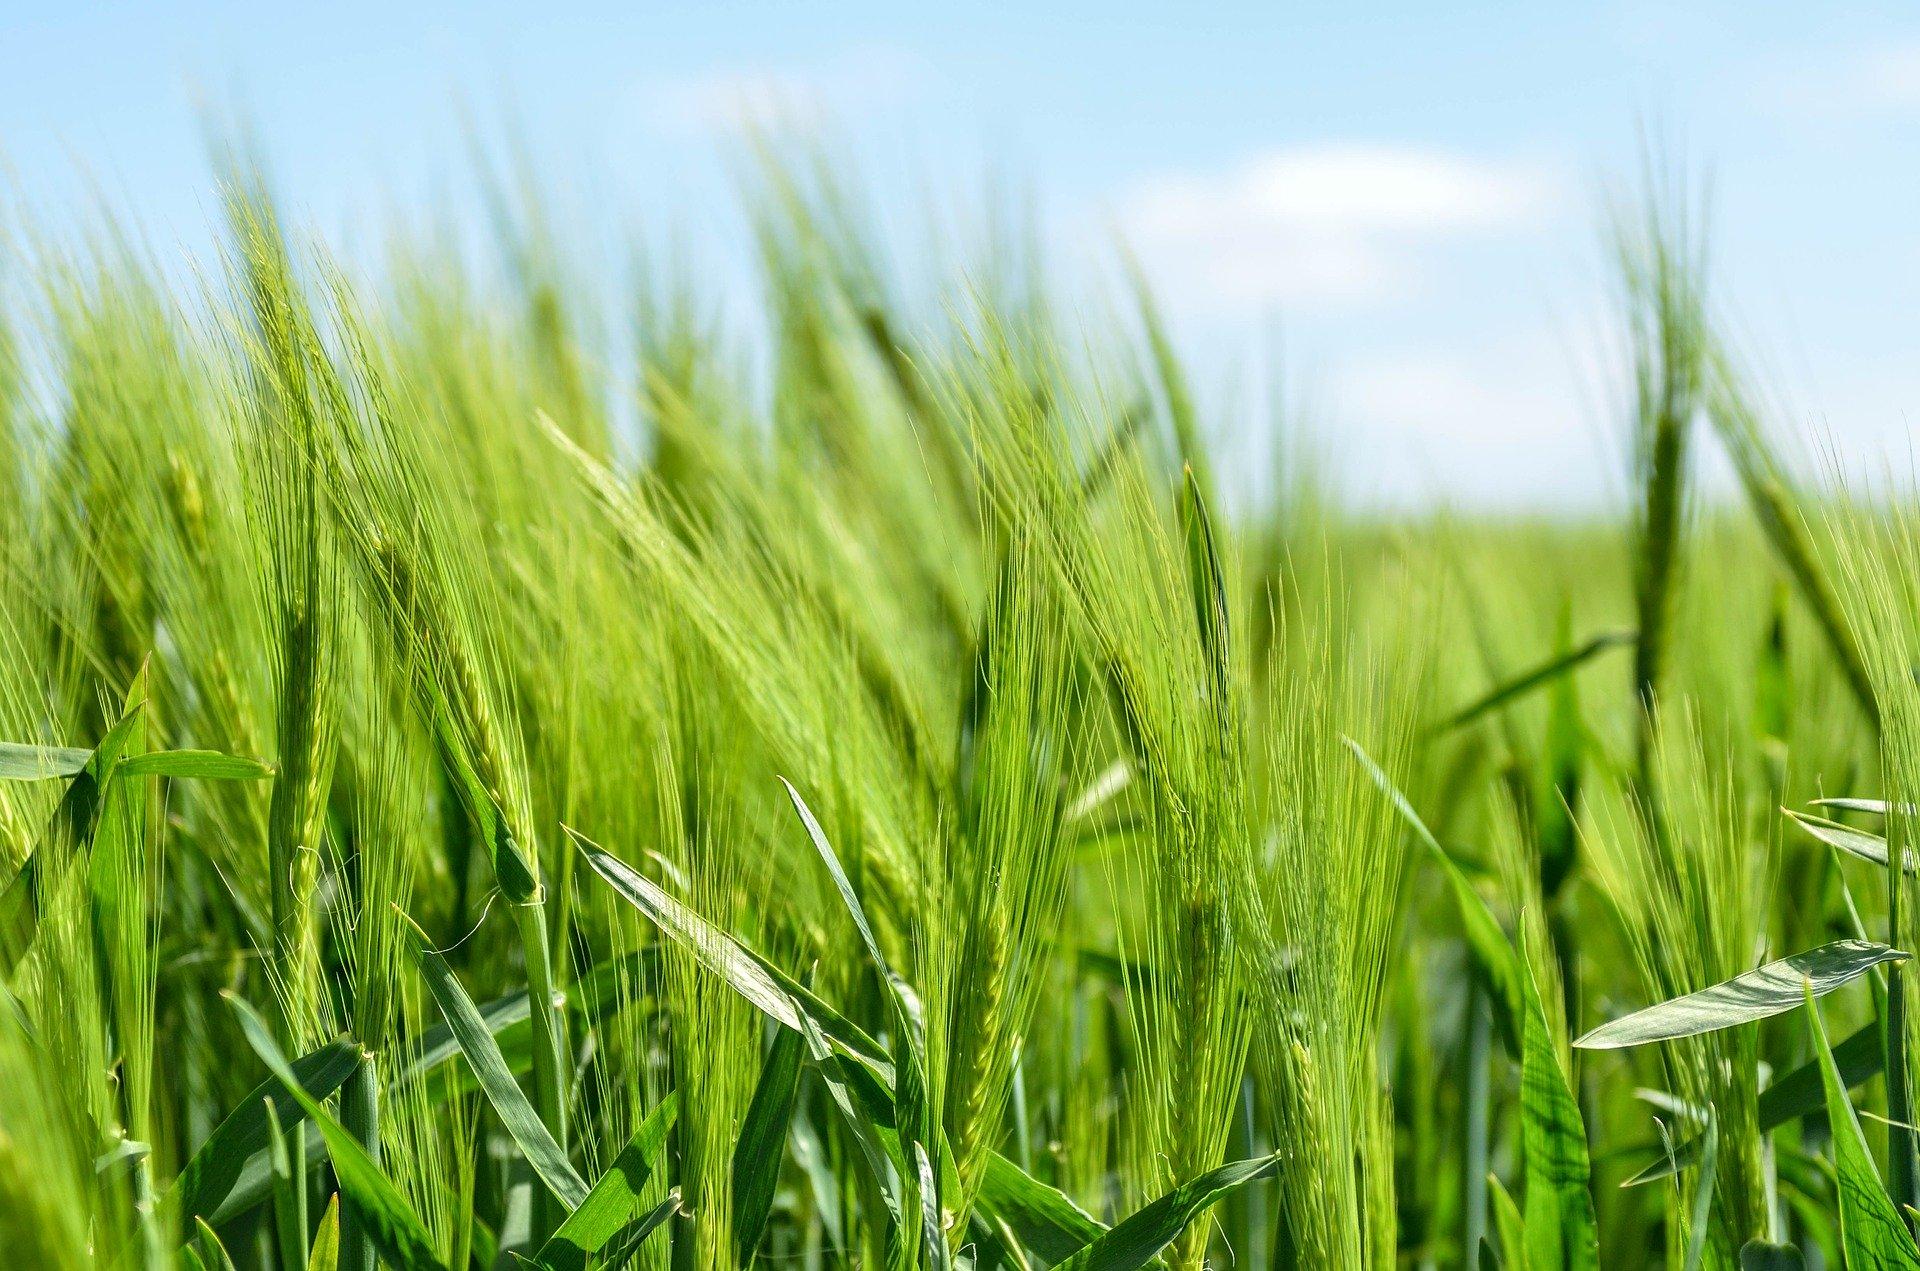 Un champ de céréales. Illustration © Free-Photos/Pixabay